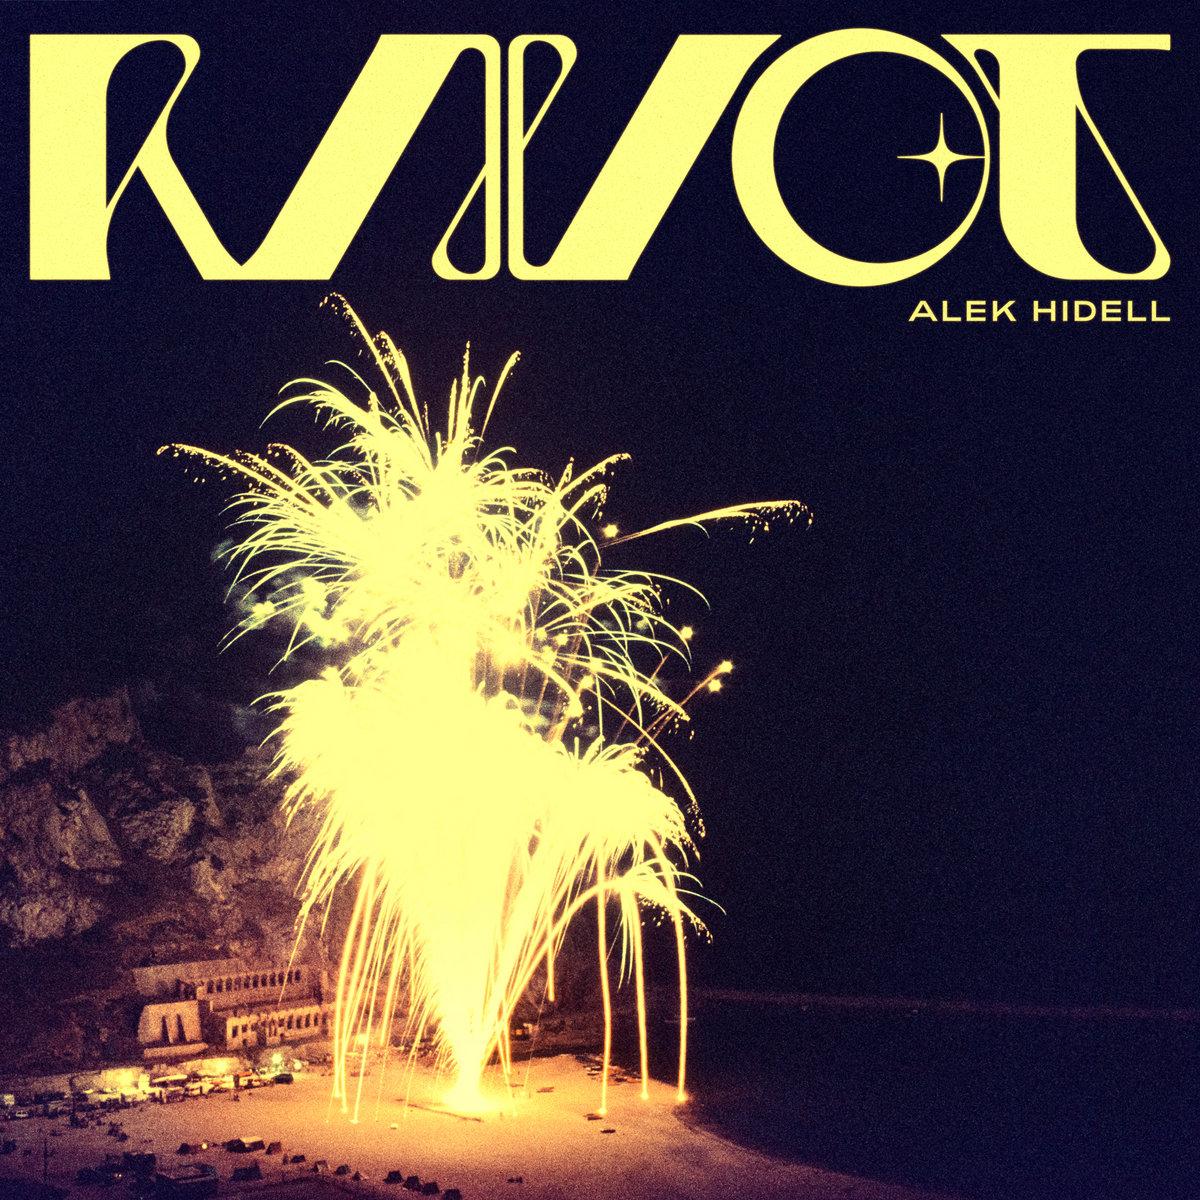 Alek Hidell - Ravot - Trovarobato - ascolti - album - 2021 - Sa Scena - 6 maggio 2021